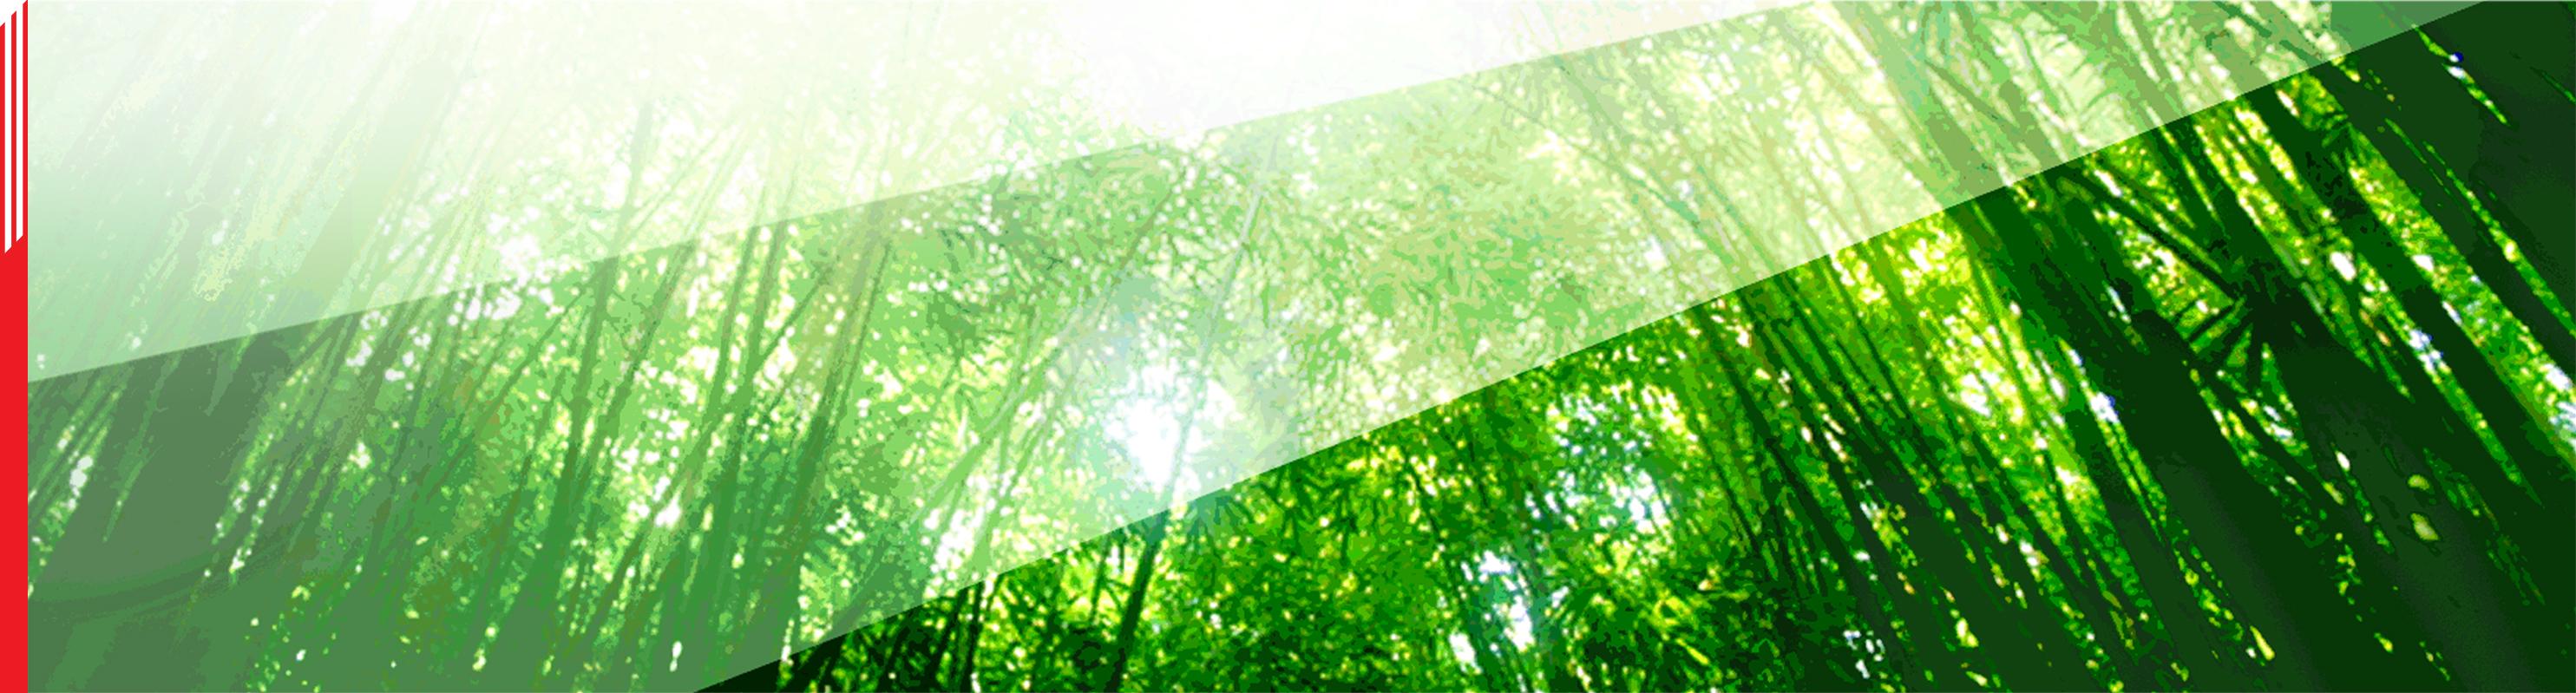 Sun hung kai forex